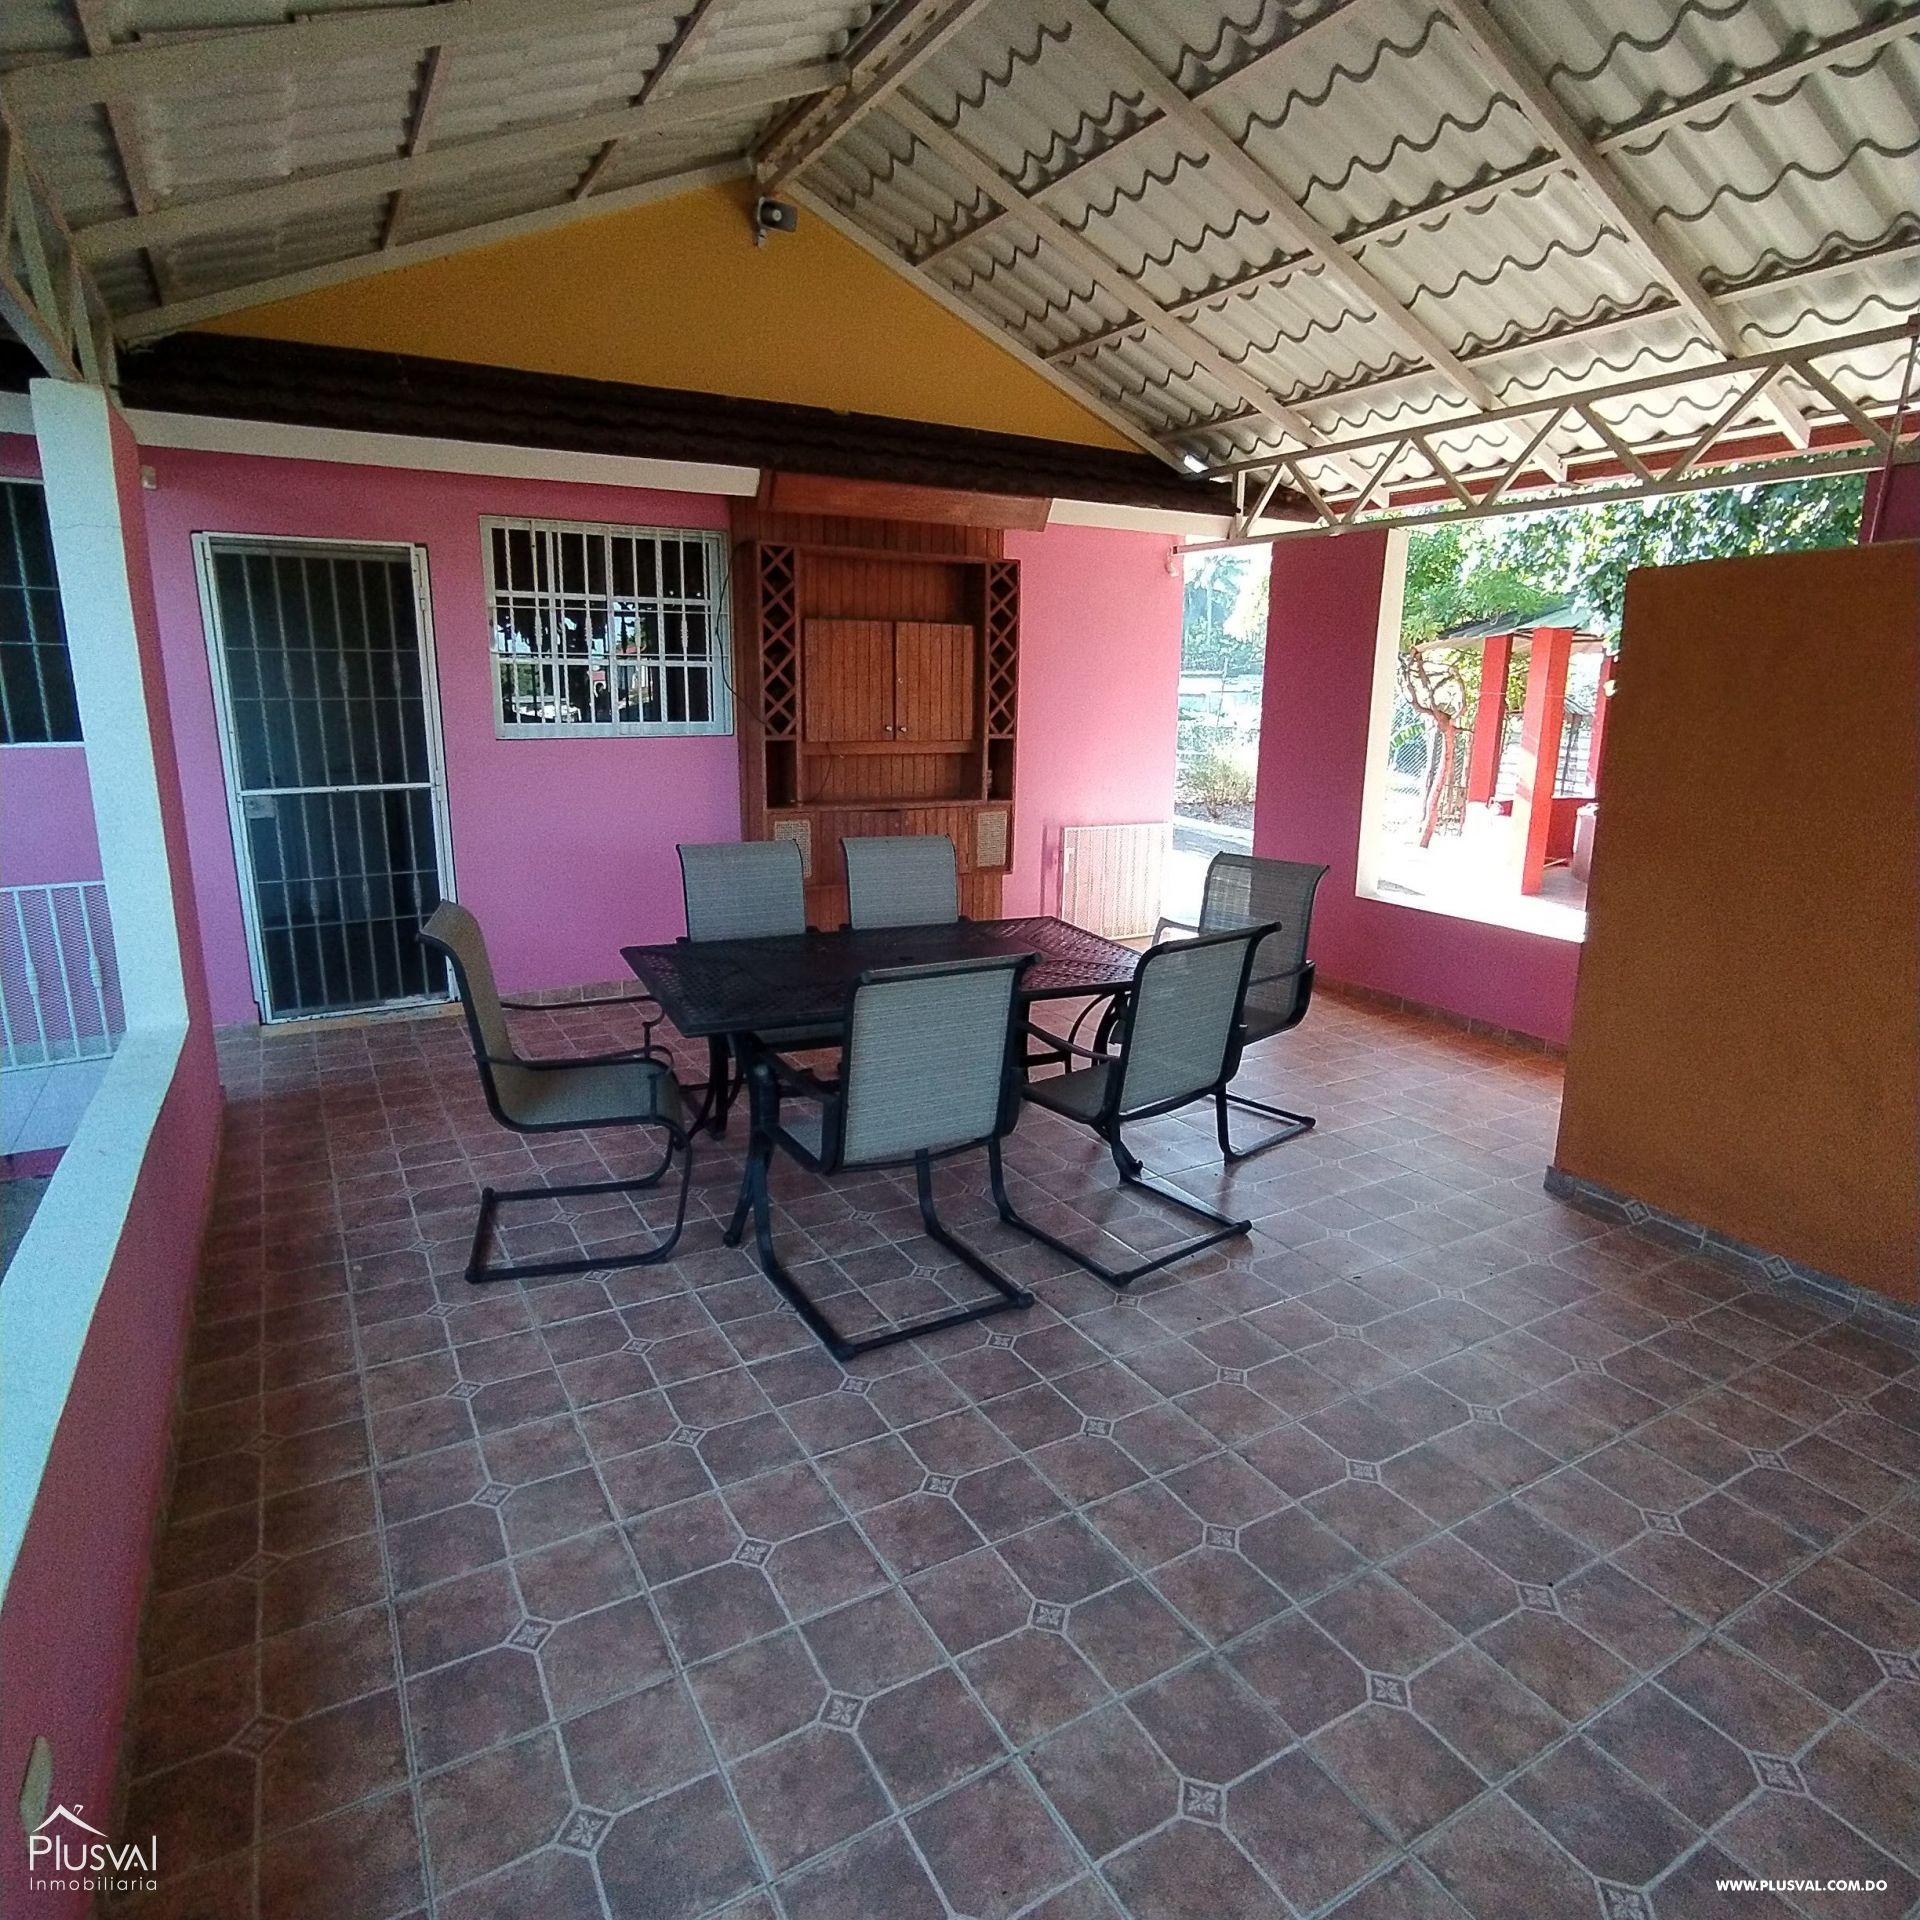 Residencia privada para el disfrute familiar 171861